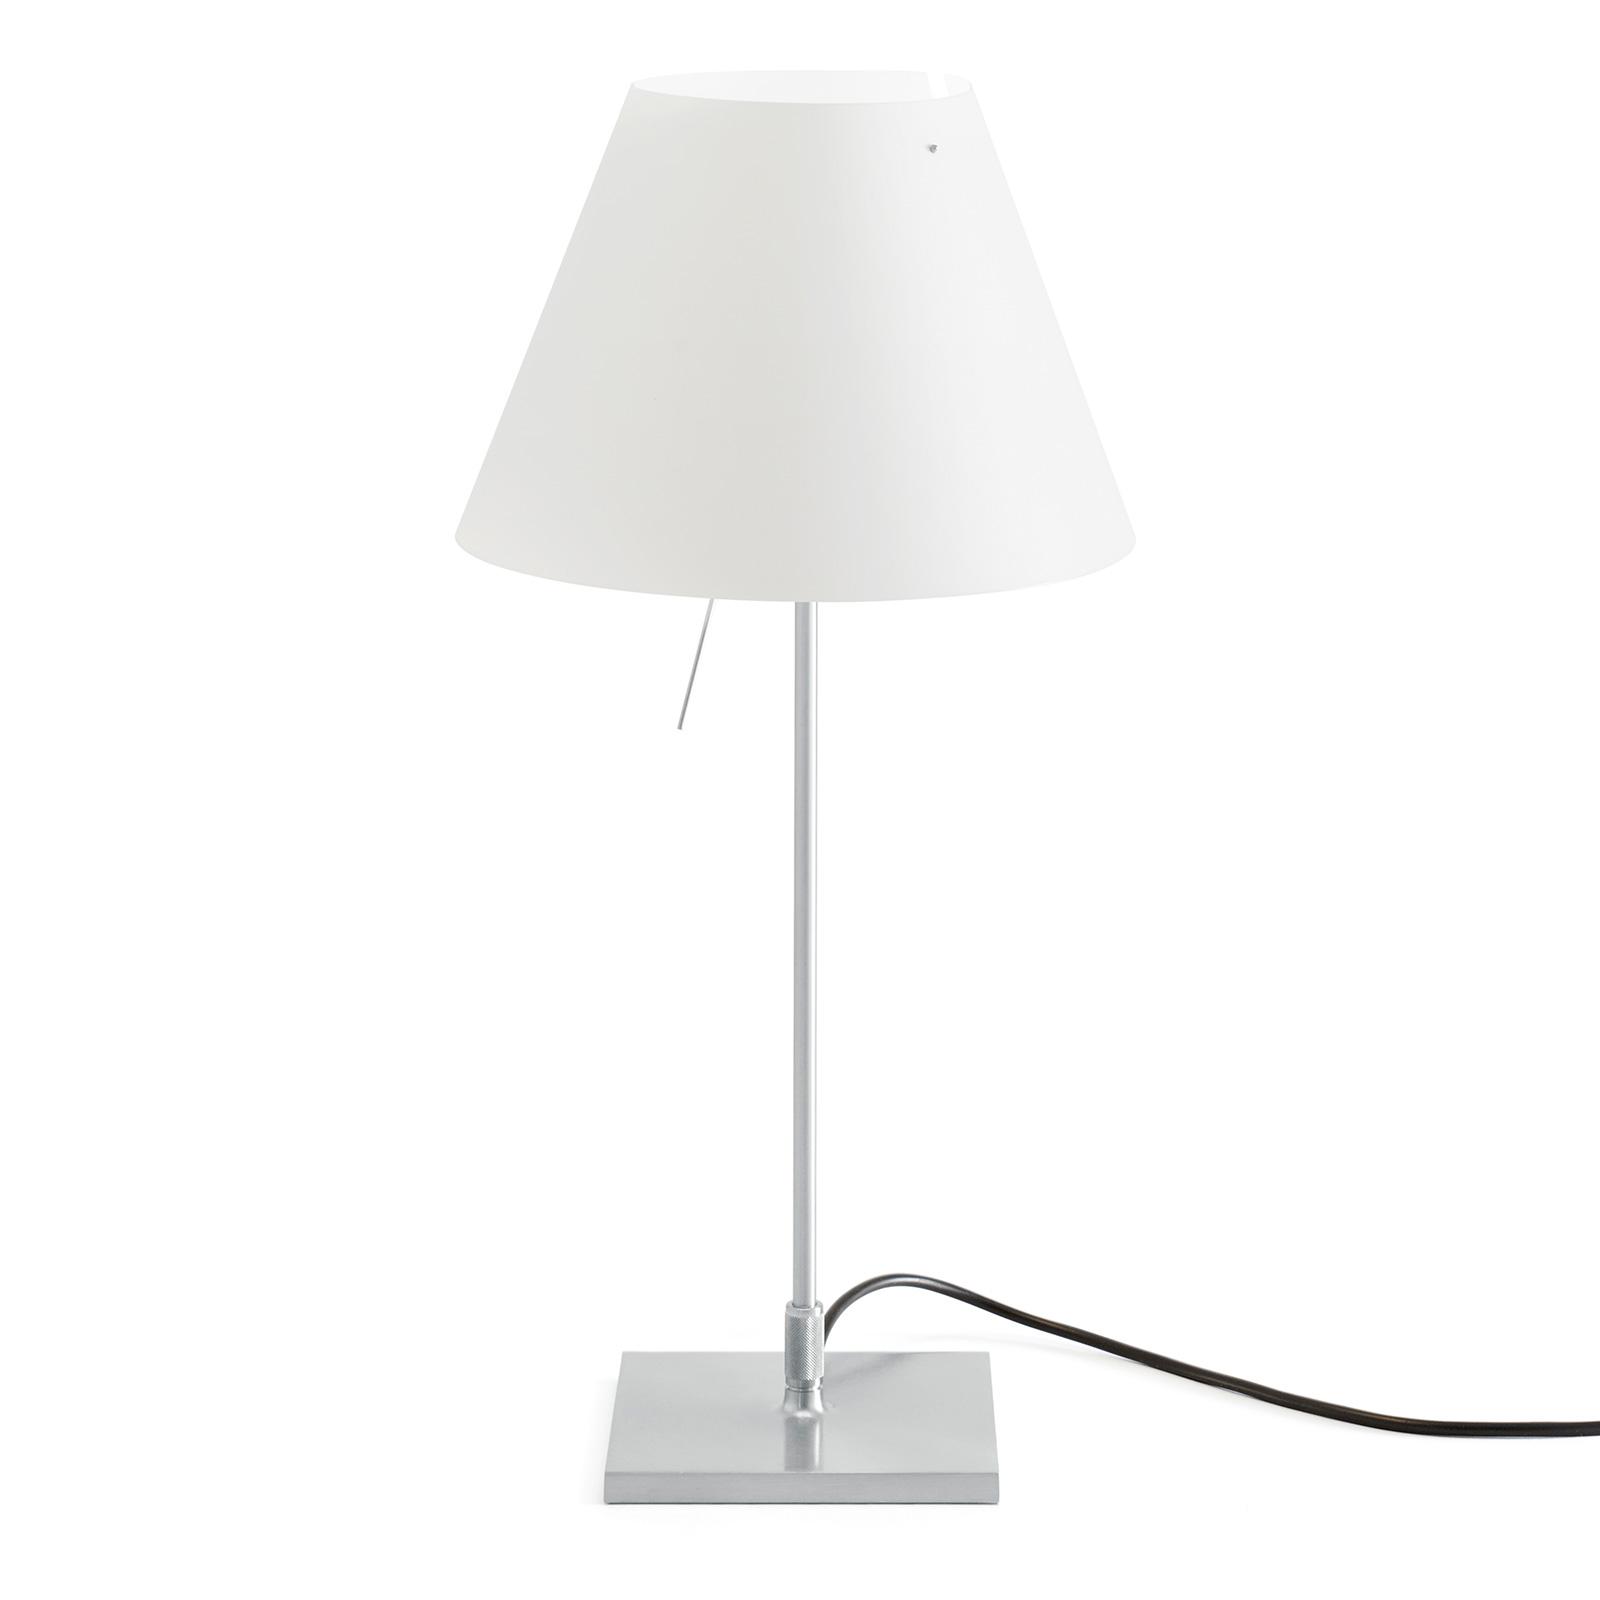 Luceplan Costanzina LED-bordslampa aluminium vit